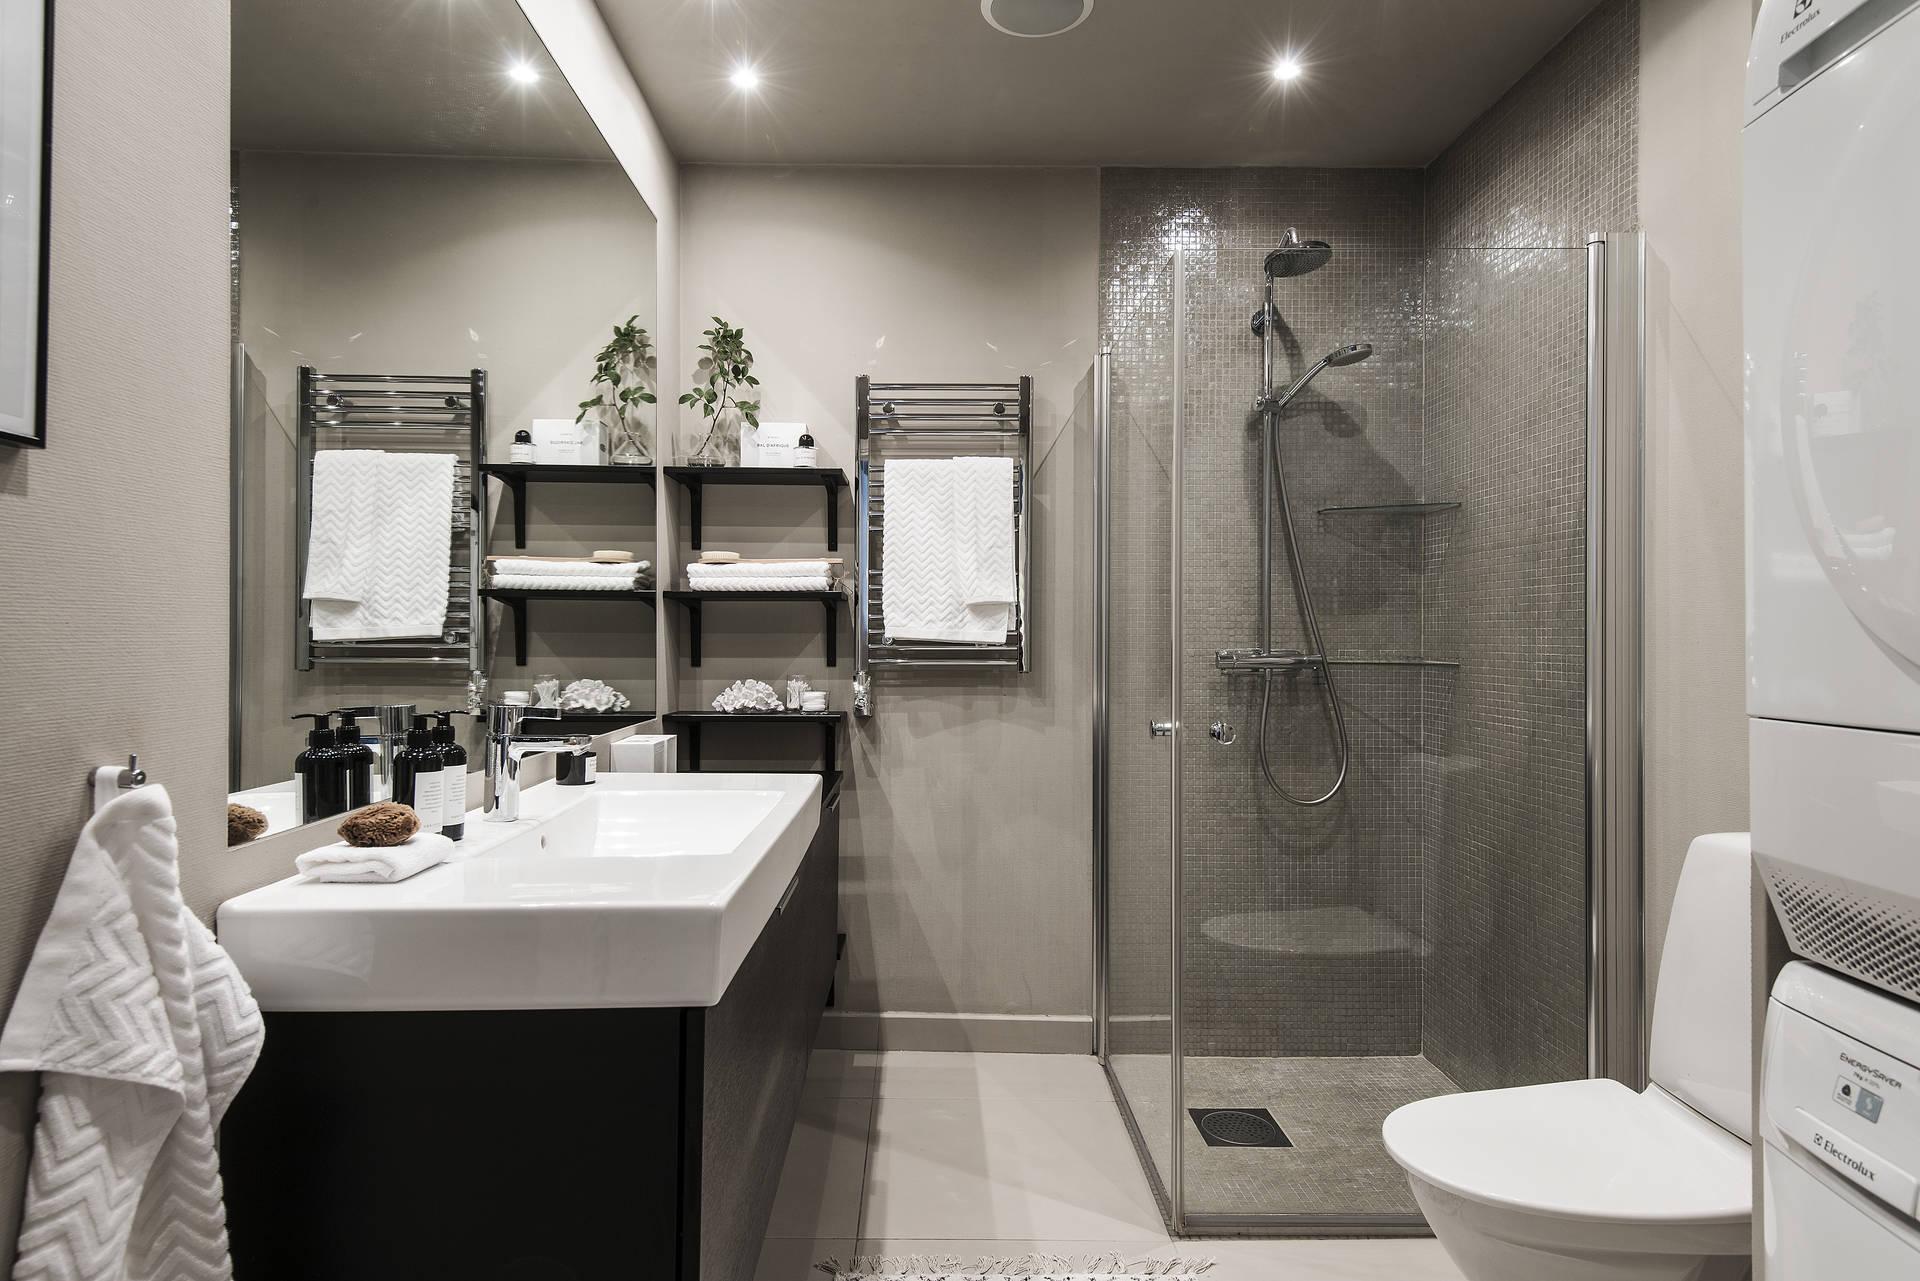 ванная комната пол с подогревом душевая кабина трап полотенцесушитель раковина зеркало стиральная сушильная машина